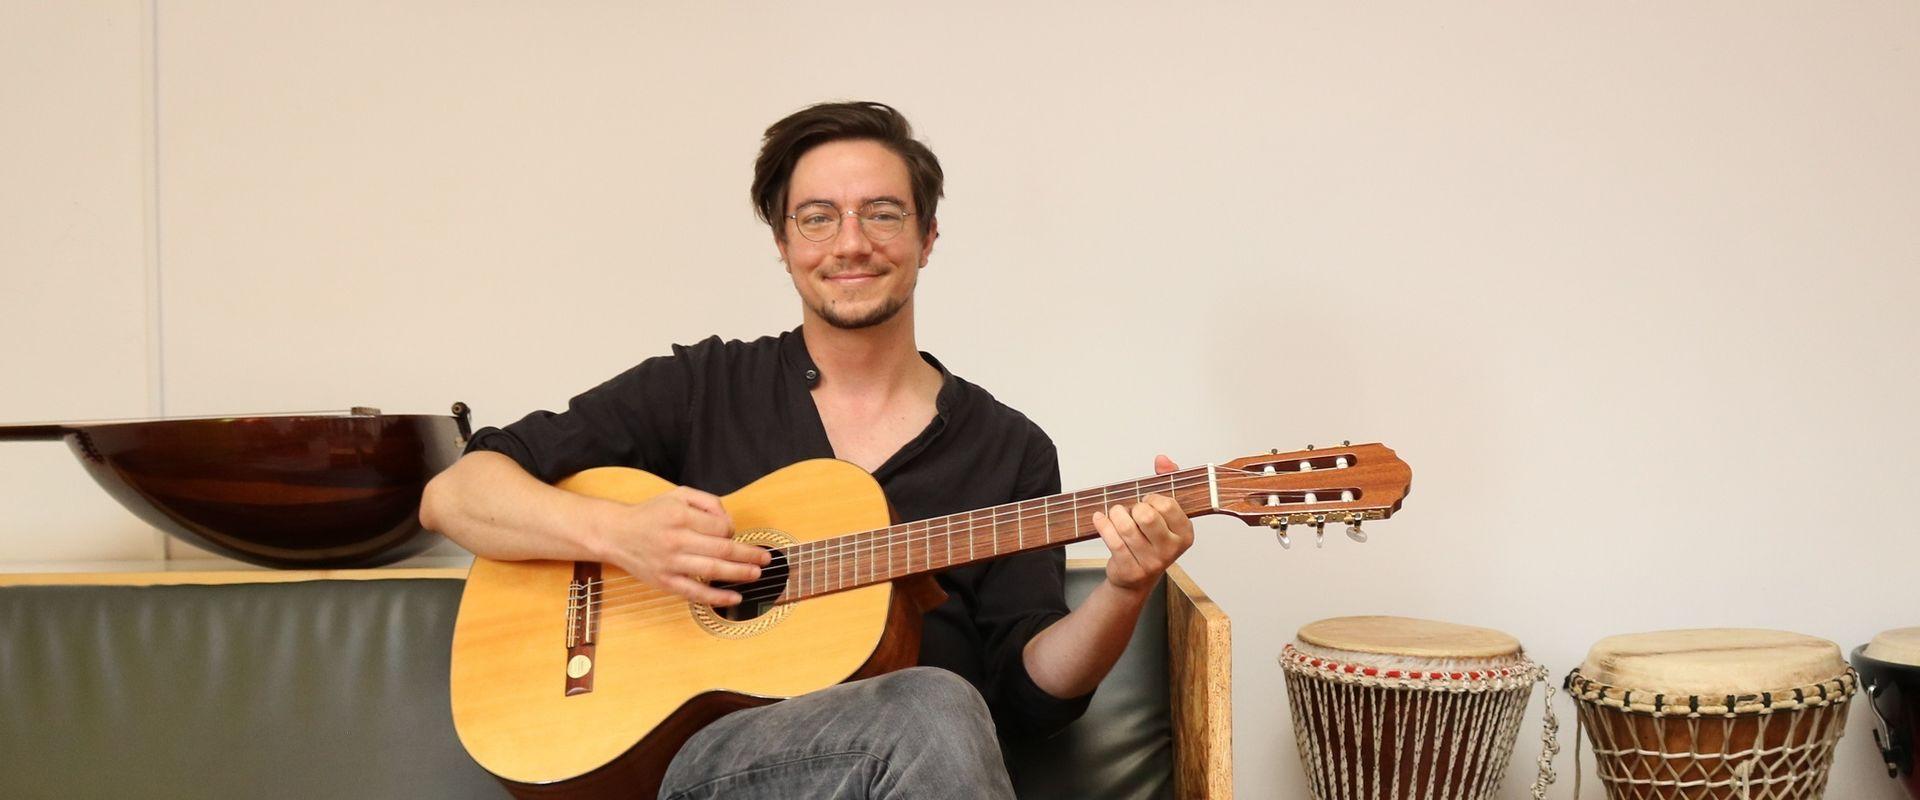 Musiktherapeut Tobias Aumann spielt für und mit BewohnerInnen im Chancenhaus Wurlitzergasse.